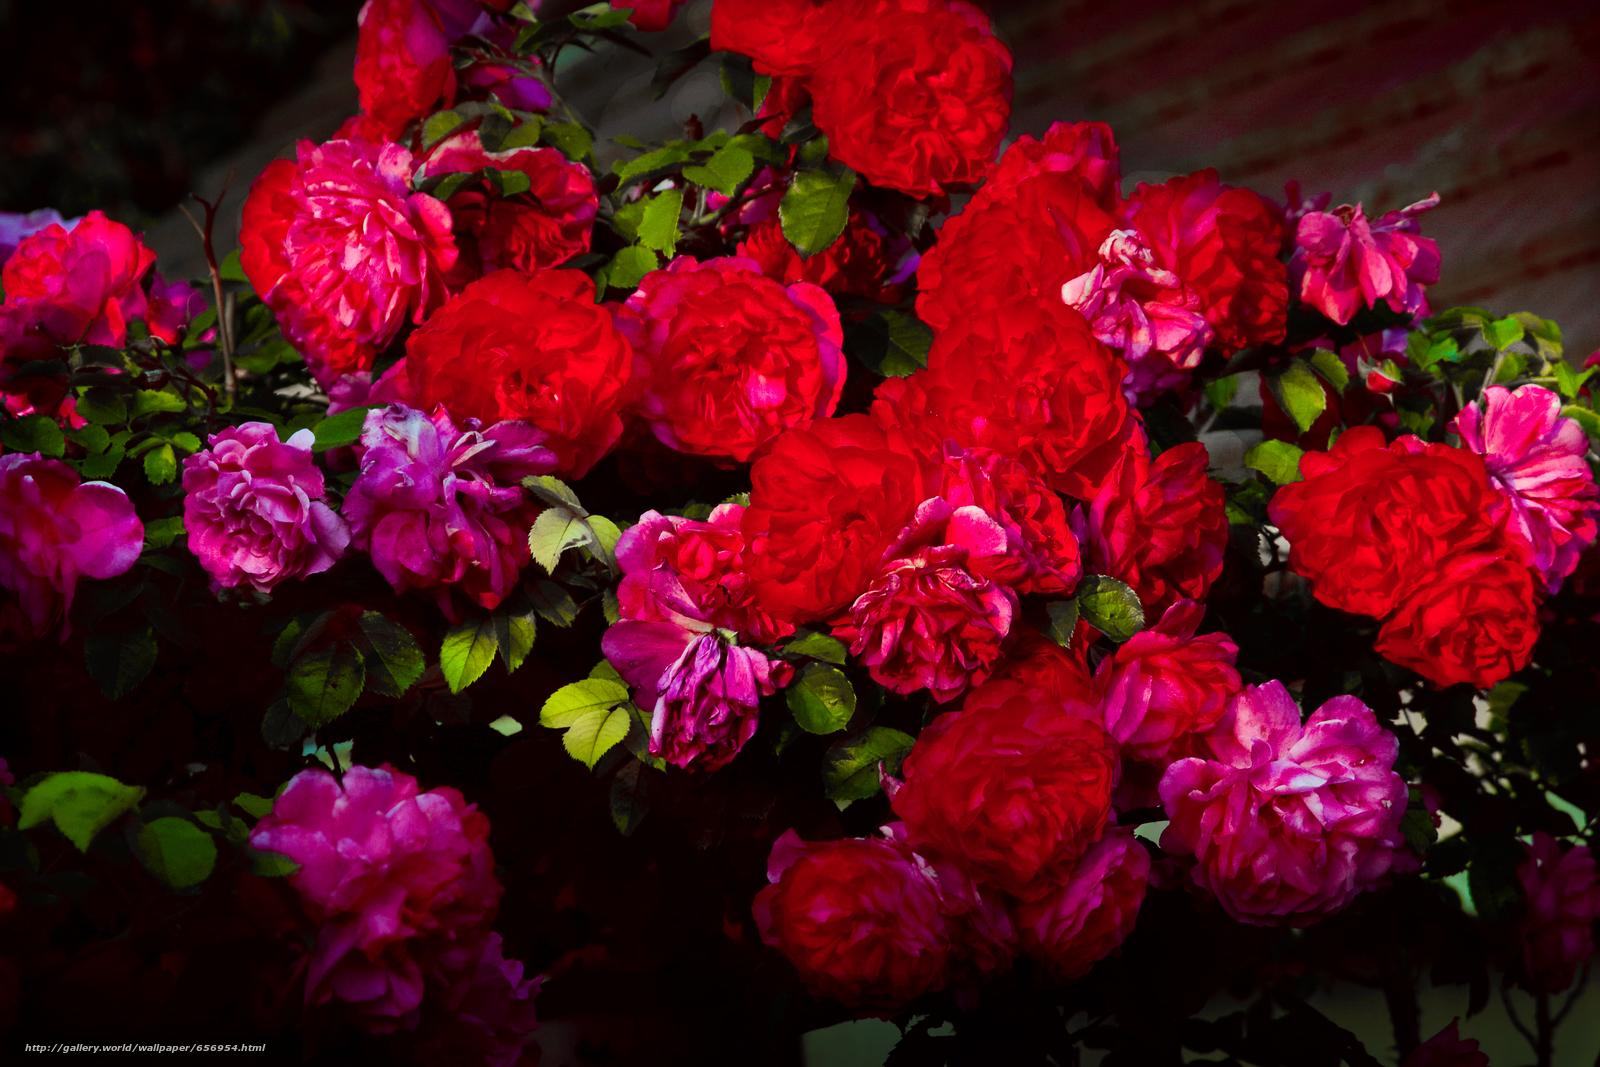 Скачать обои цветы,  розы,  флора бесплатно для рабочего стола в разрешении 3888x2592 — картинка №656954